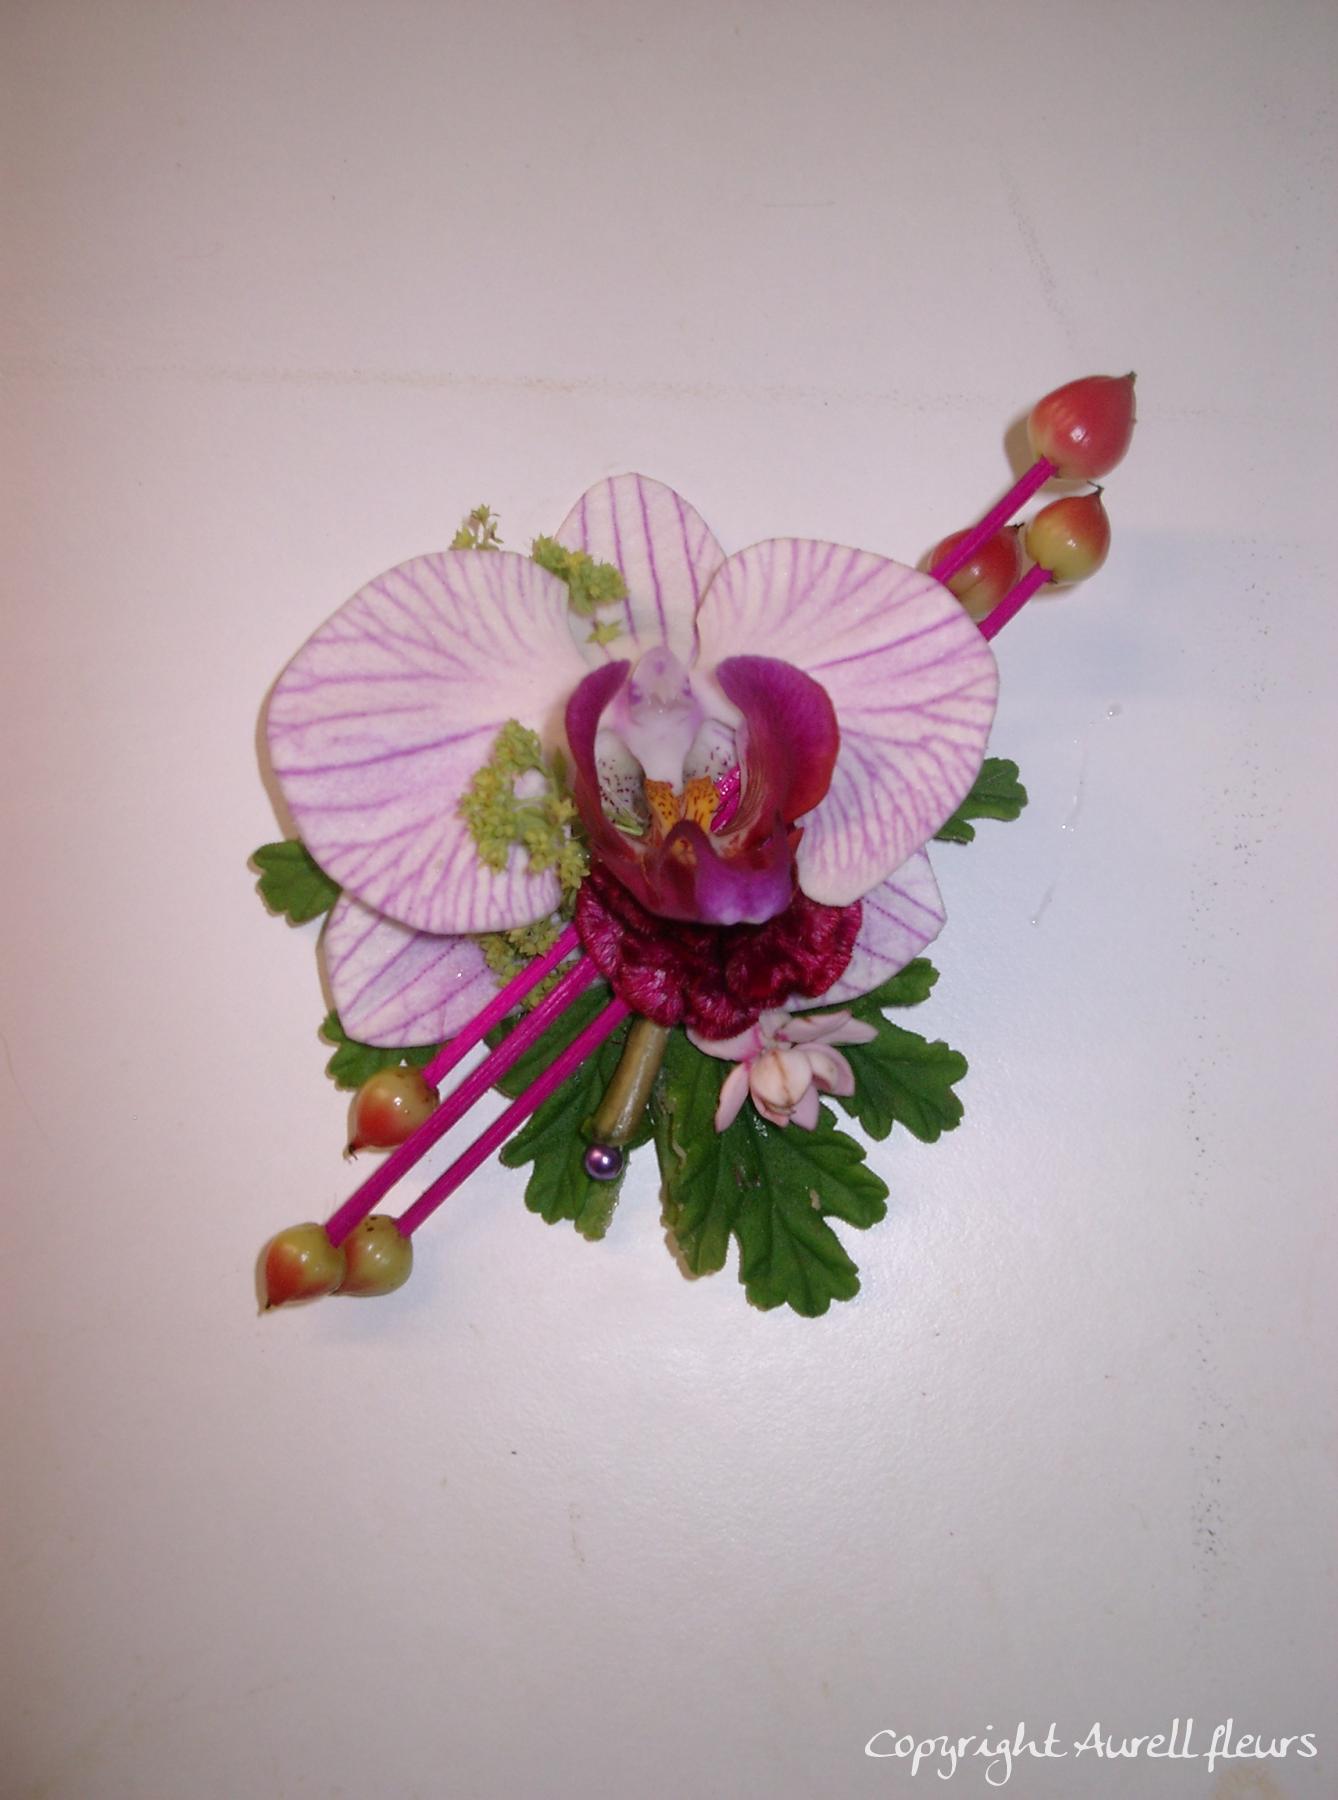 boutonniere_6 à Saint-Jean-de-Braye | Aurell fleurs